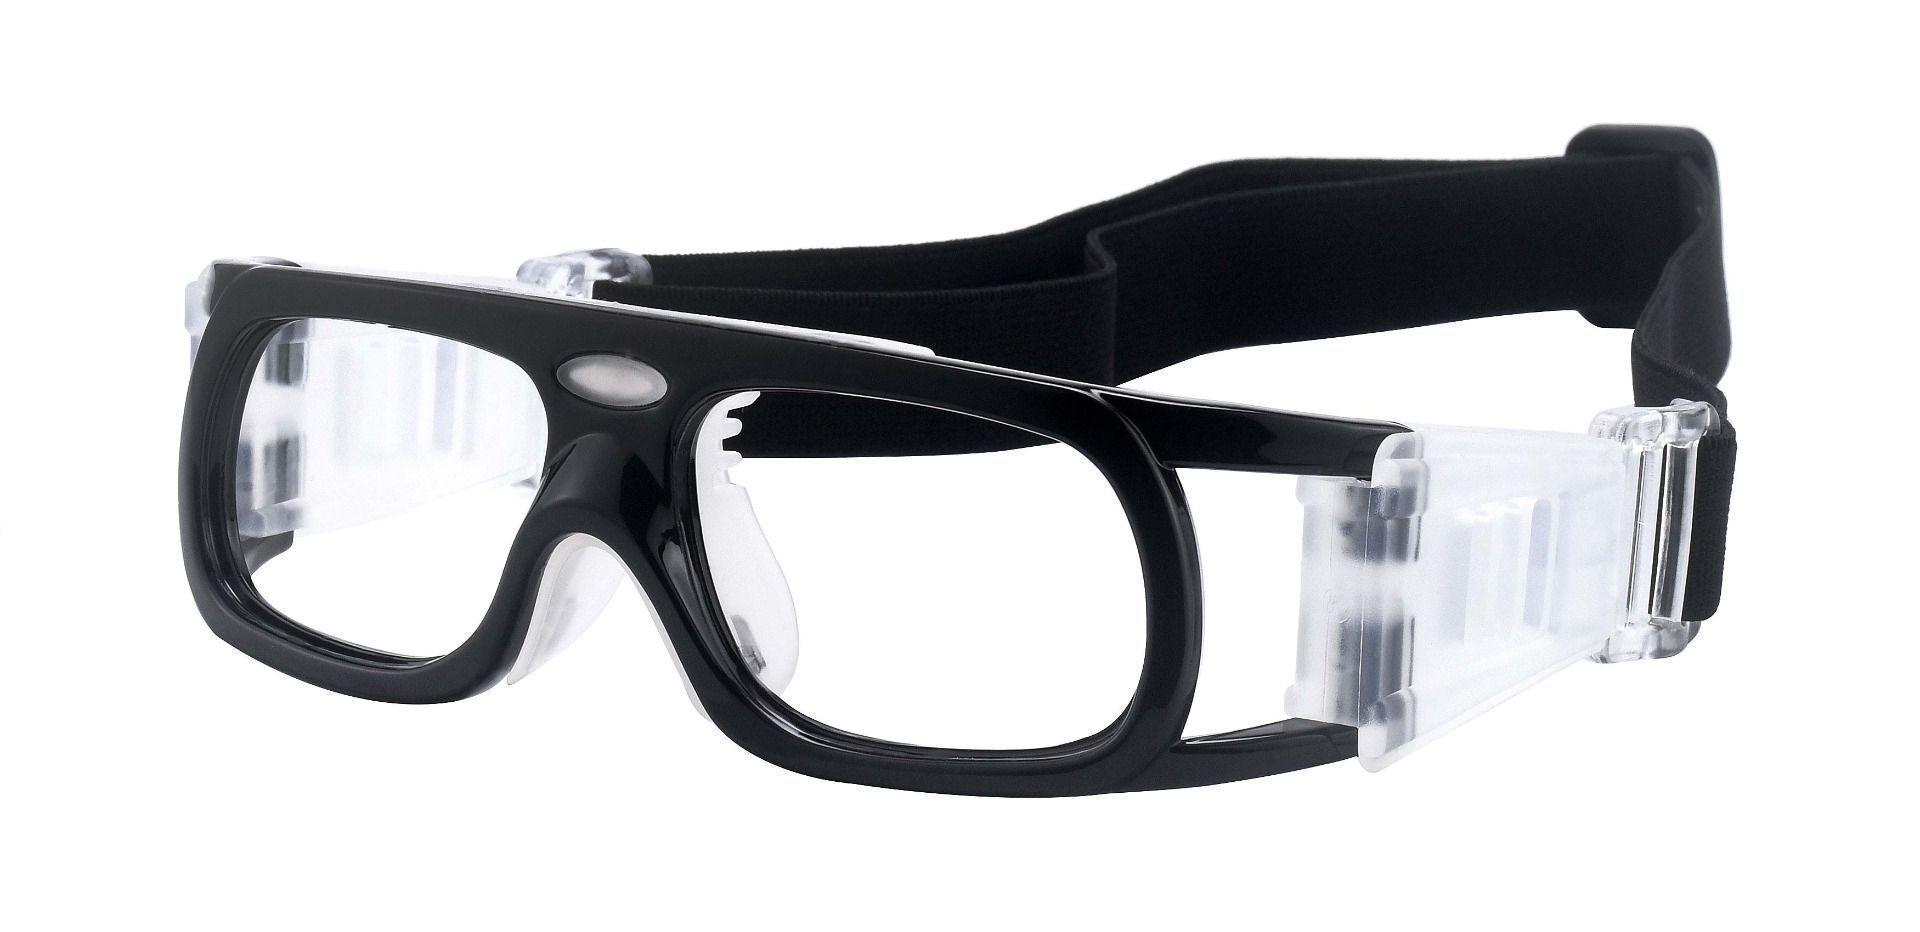 Beckham Sports Goggles Prescription Glasses - Black